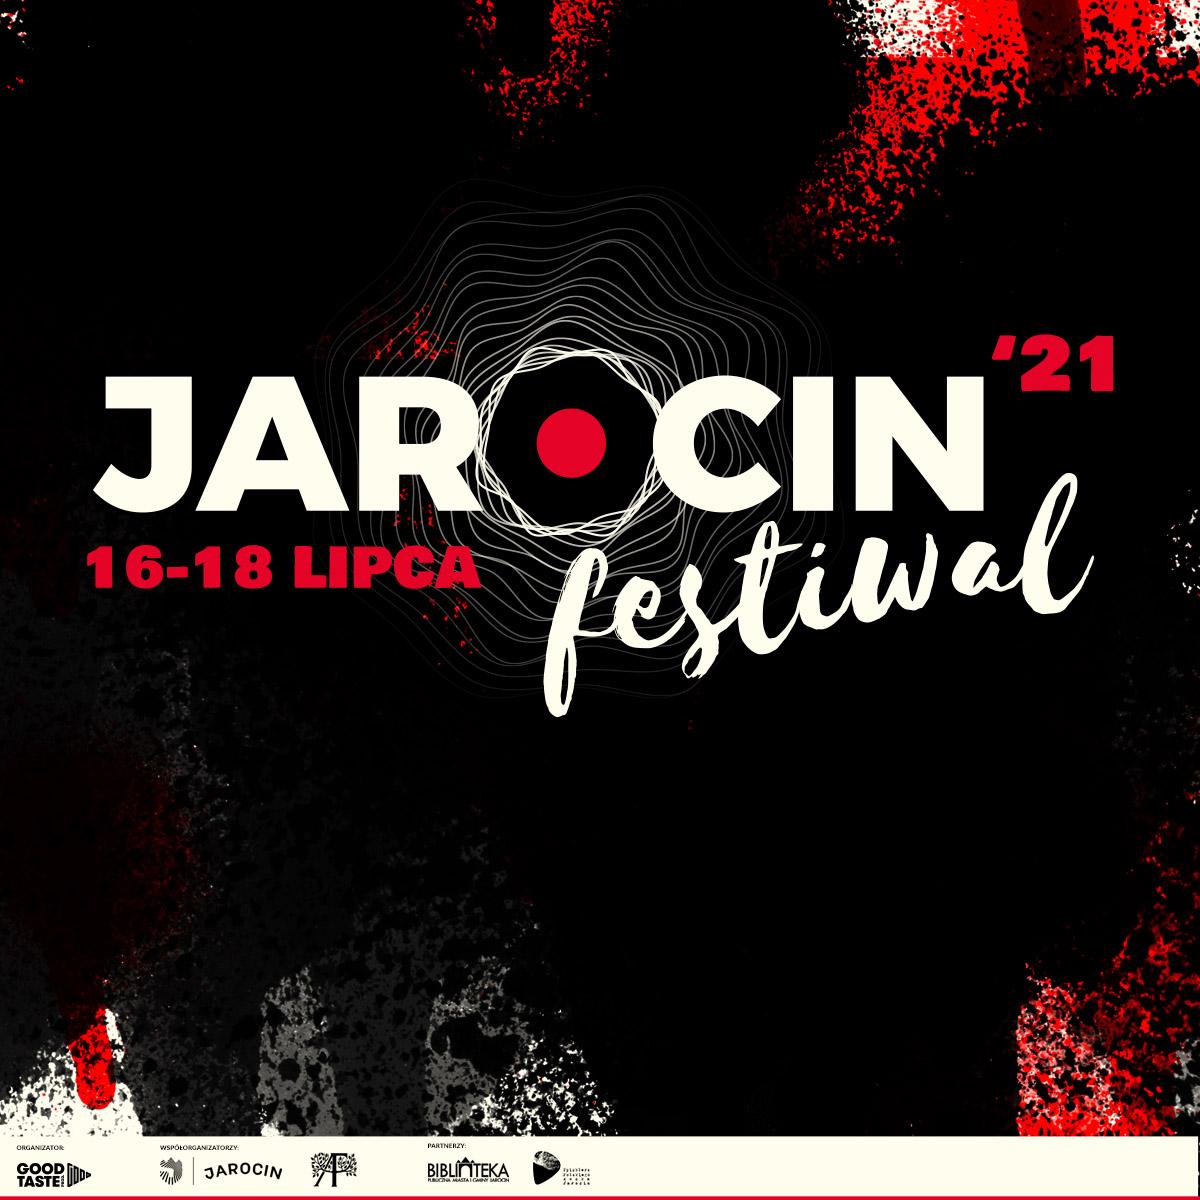 Jarocin Festiwal 2021. Znamy szczegóły organizacji. Niespodzianka burmistrza dla mieszkańców Jarocina  - Zdjęcie główne